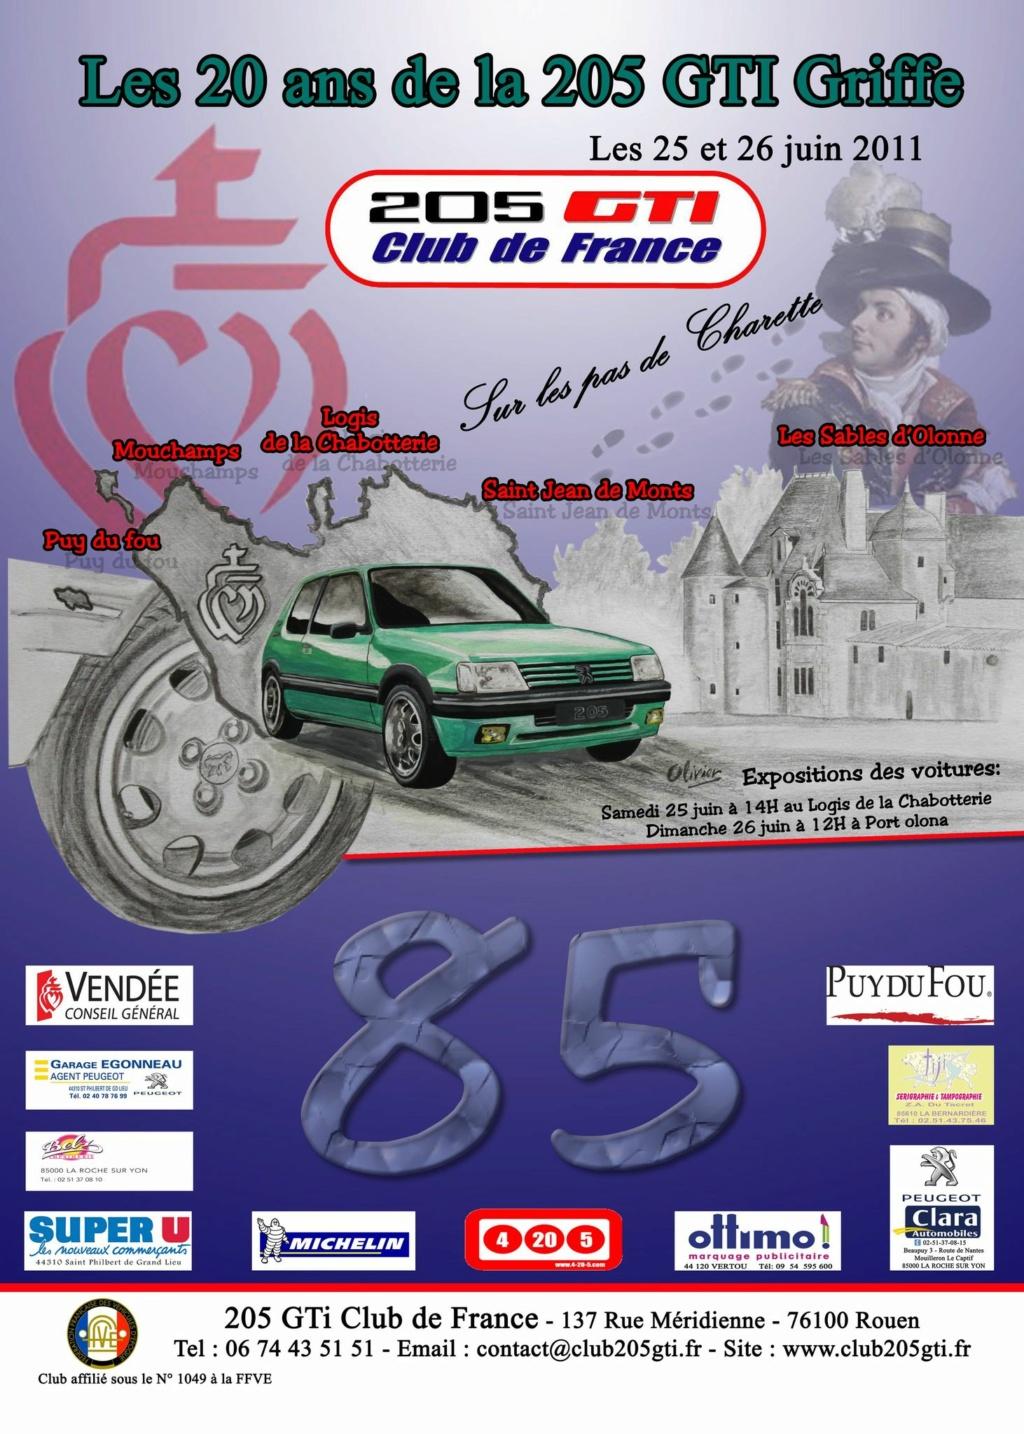 [85] Les 20 ans de la 205 GTI GRIFFE - 25 et 26 juin 2011 12612610